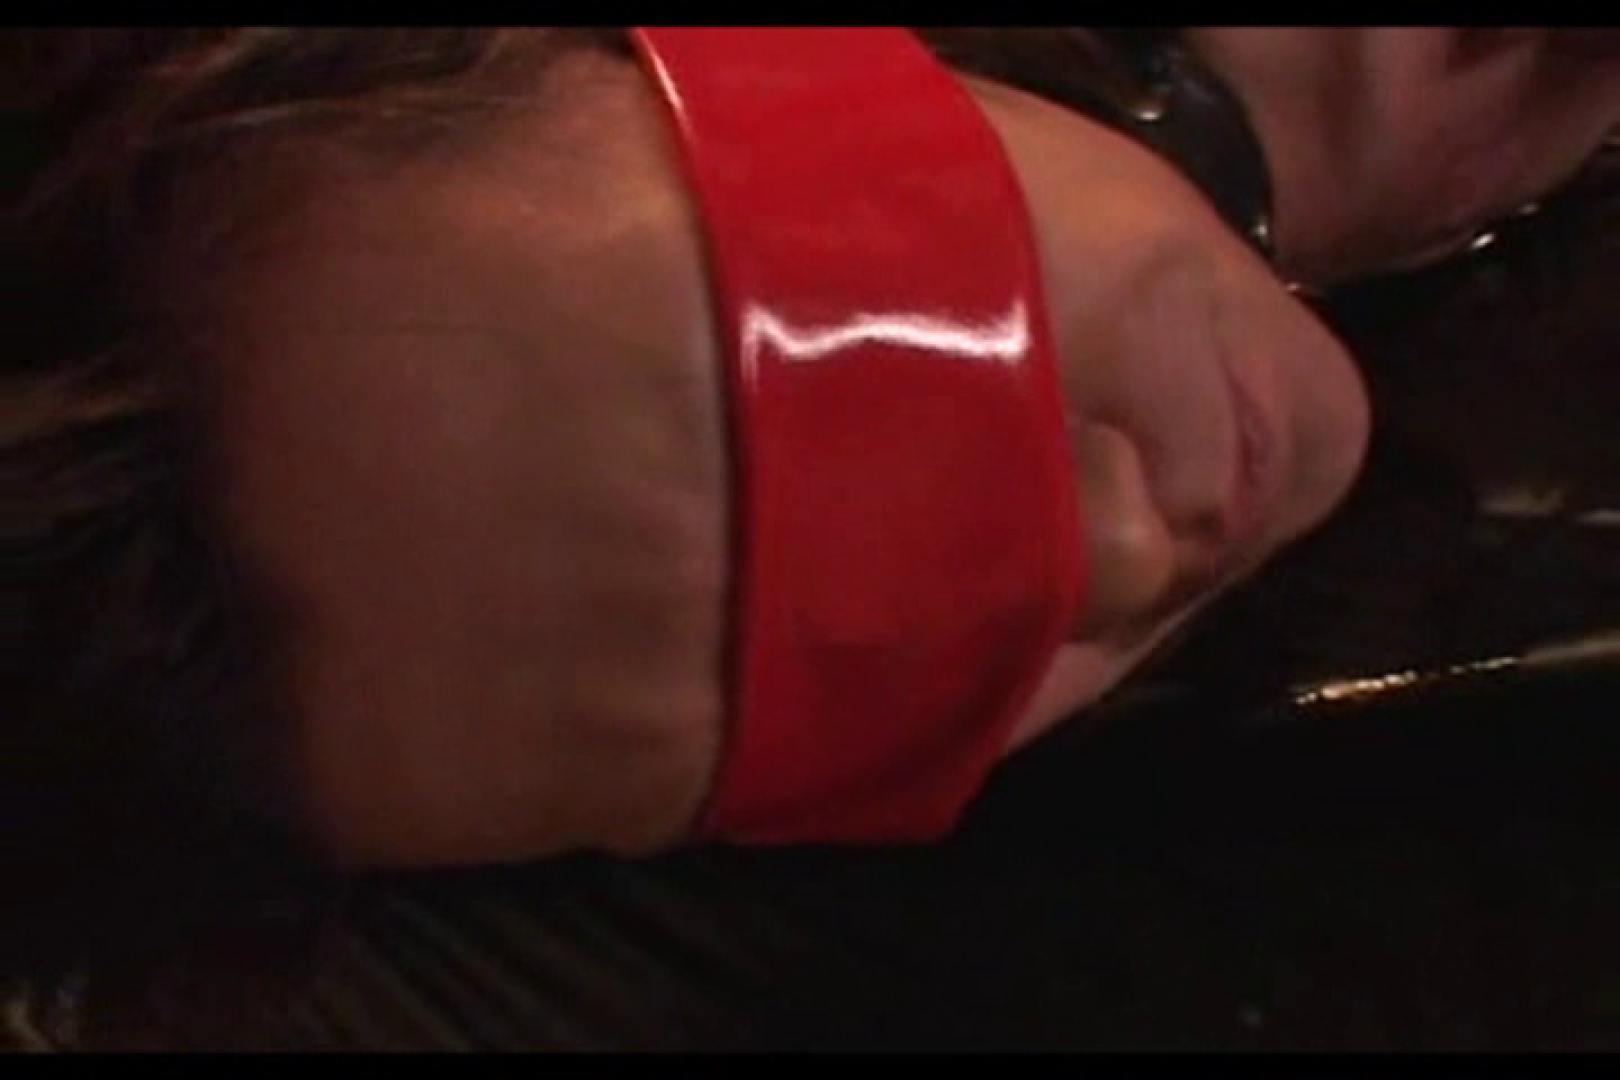 イケメン・・・アグレッシブ危険ファイルNo.04 スジ筋系メンズ ゲイ無修正画像 13画像 9